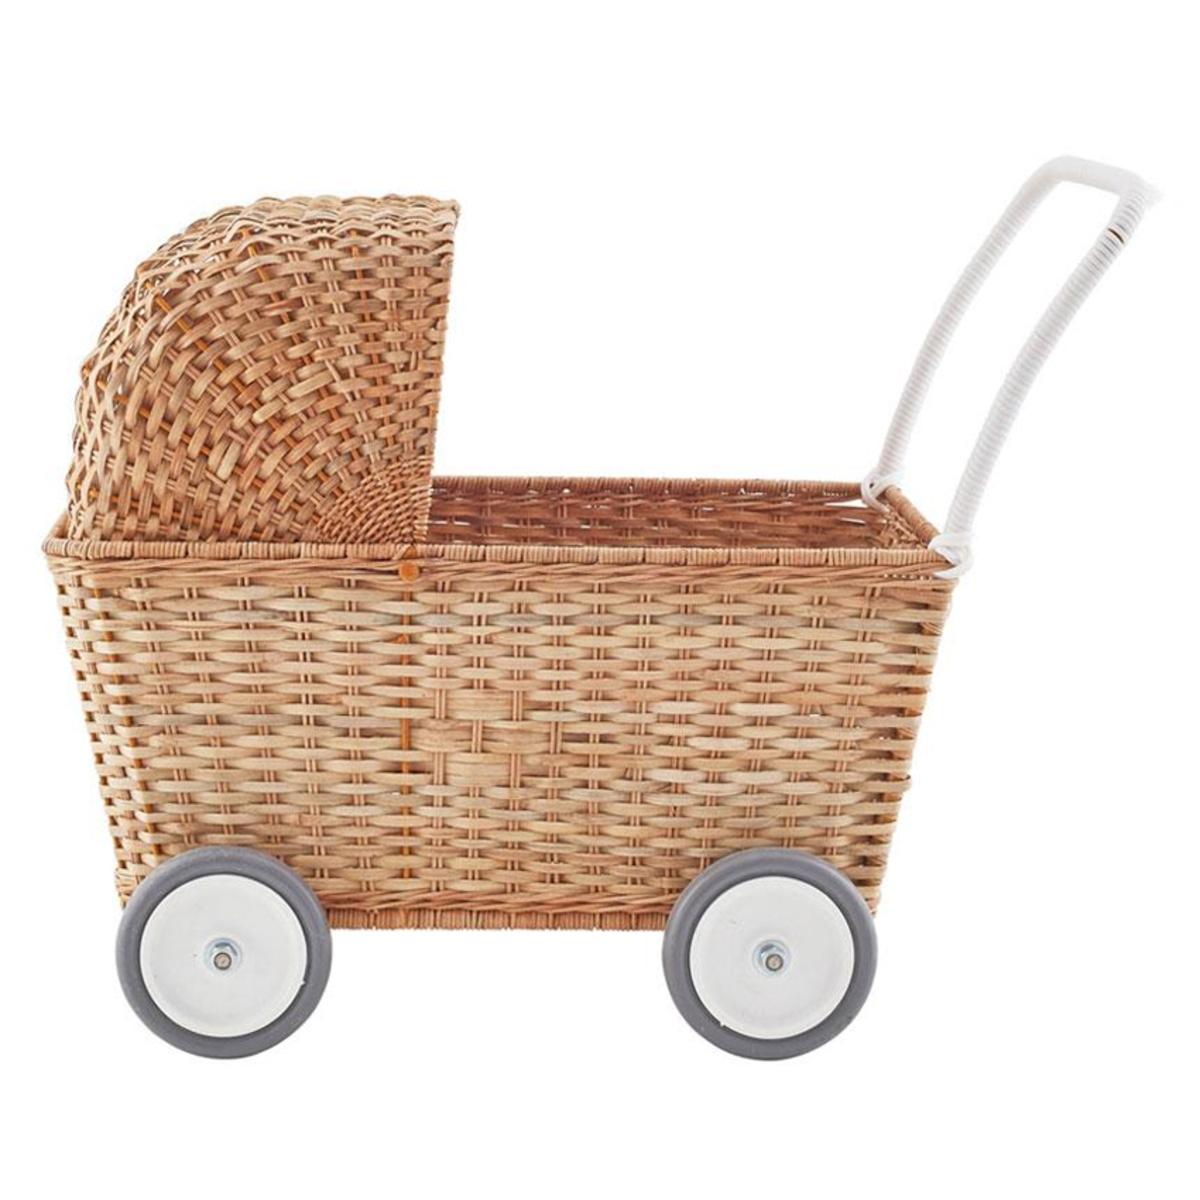 Mes premiers jouets Chariot Poussette en Rotin Naturel Chariot Poussette en Rotin Naturel